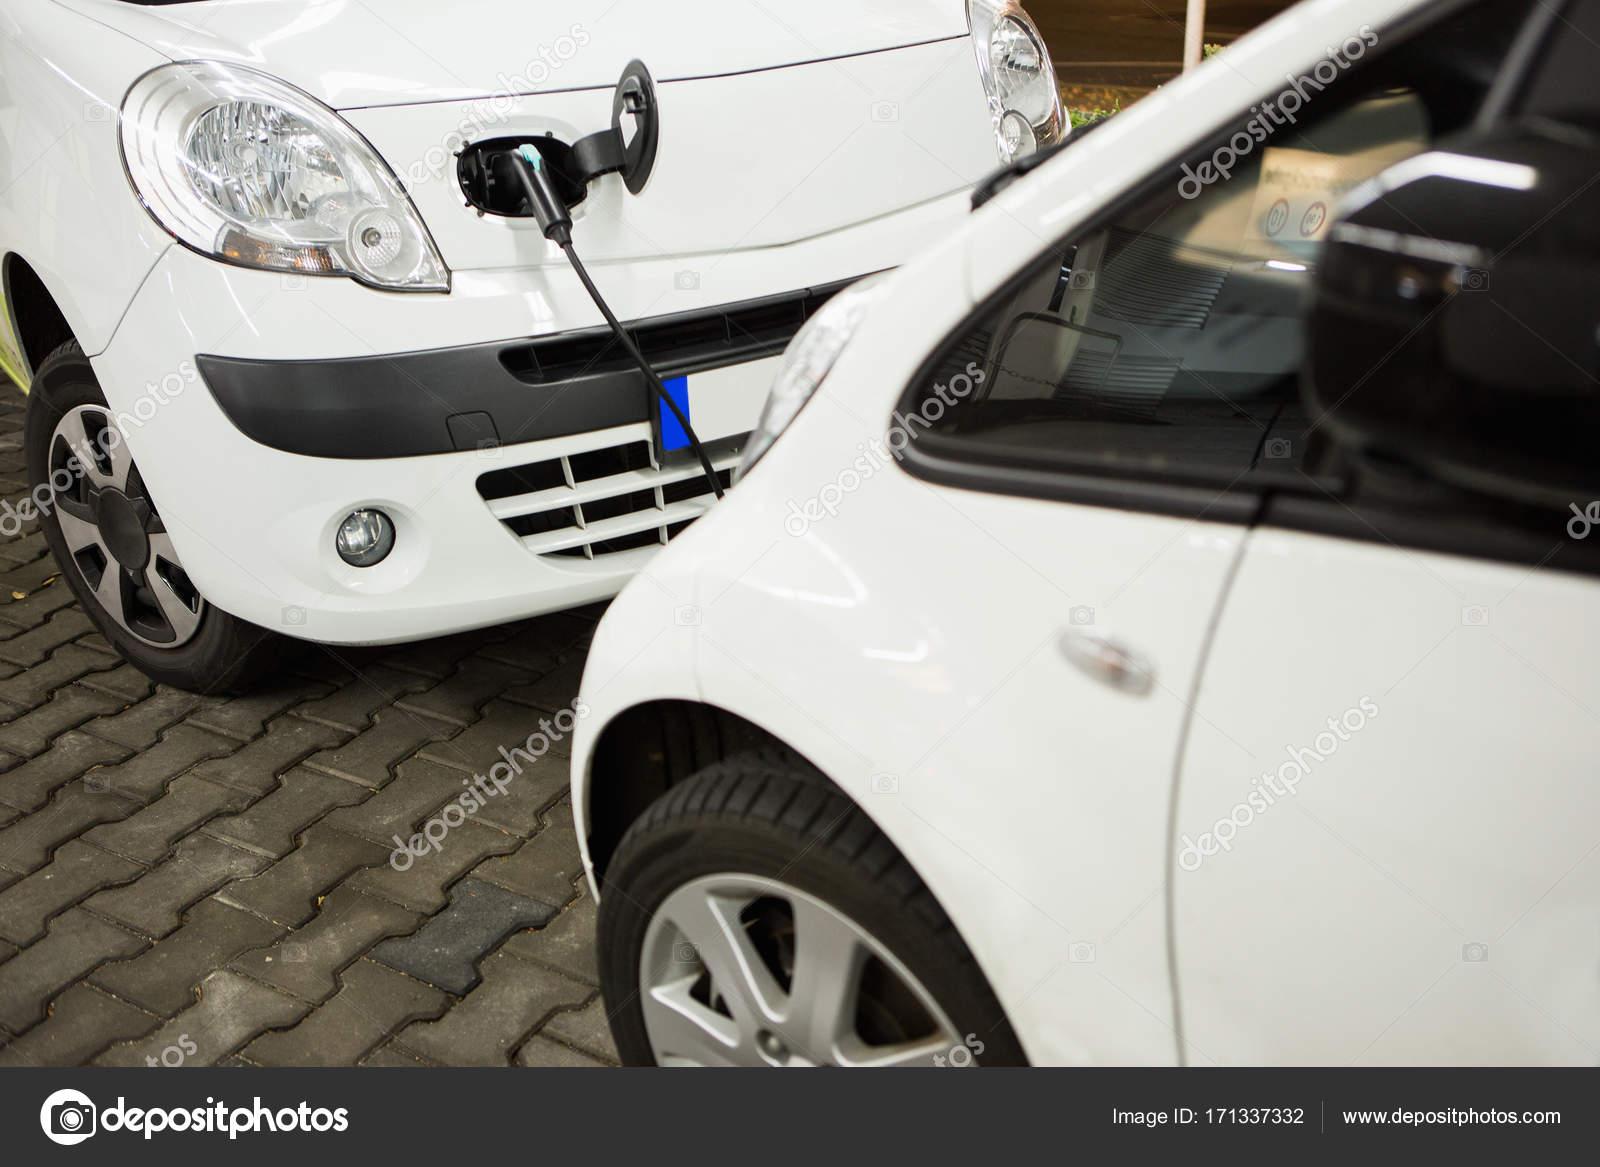 Elektro-Auto auf einer Ladestation in einem Parkhaus in Rechnung ...